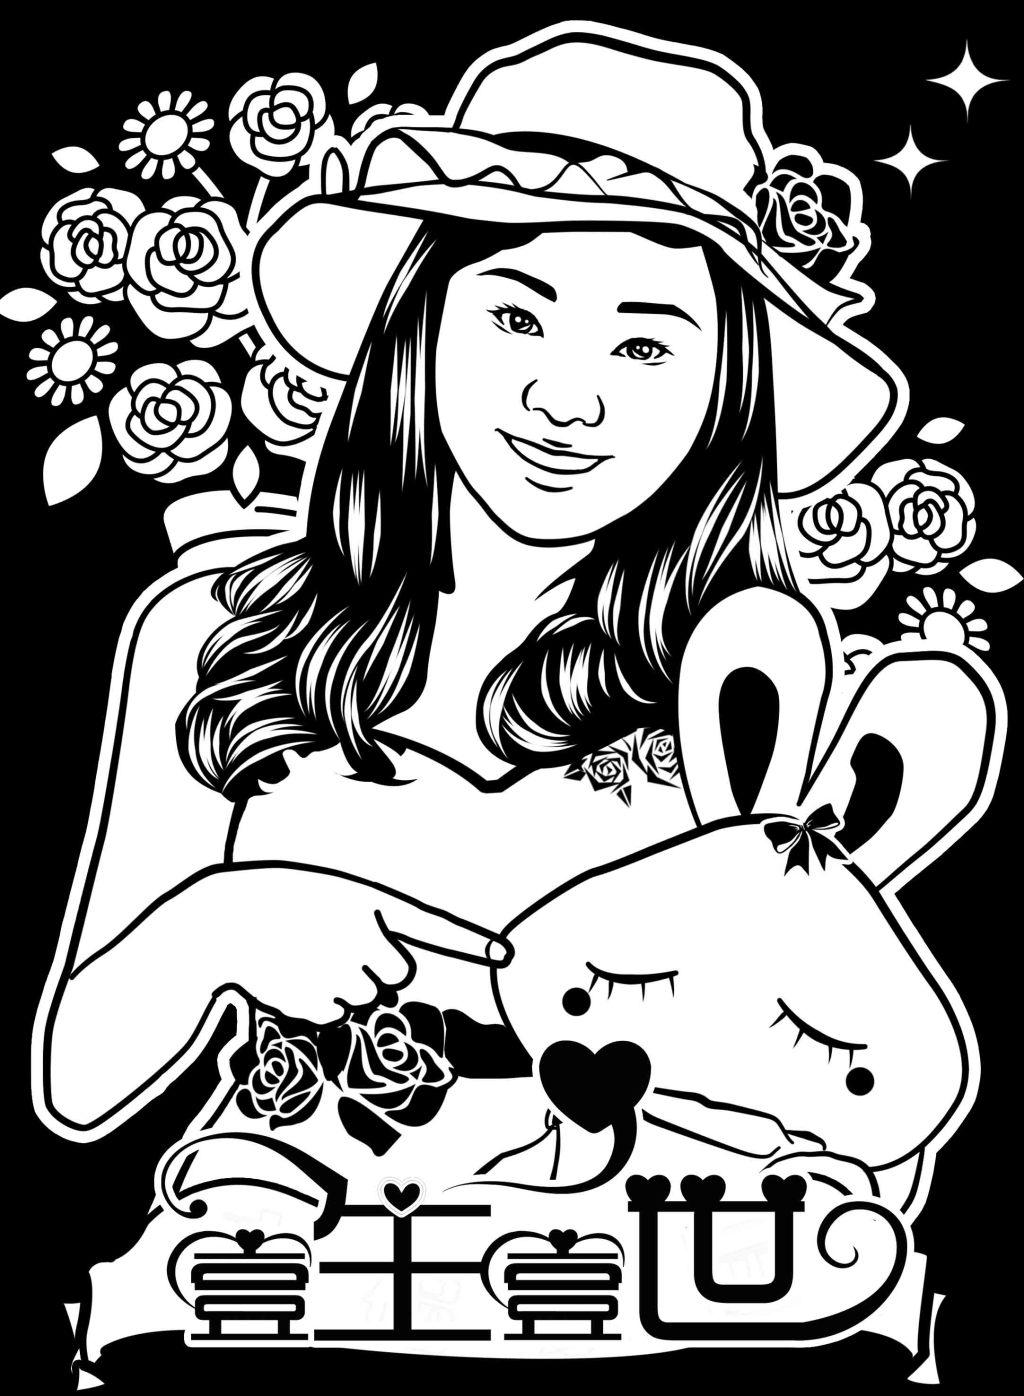 美女艺术照黑白简笔画免费下载 爱情 黑白 花朵 绘画 美女 美术 情侣